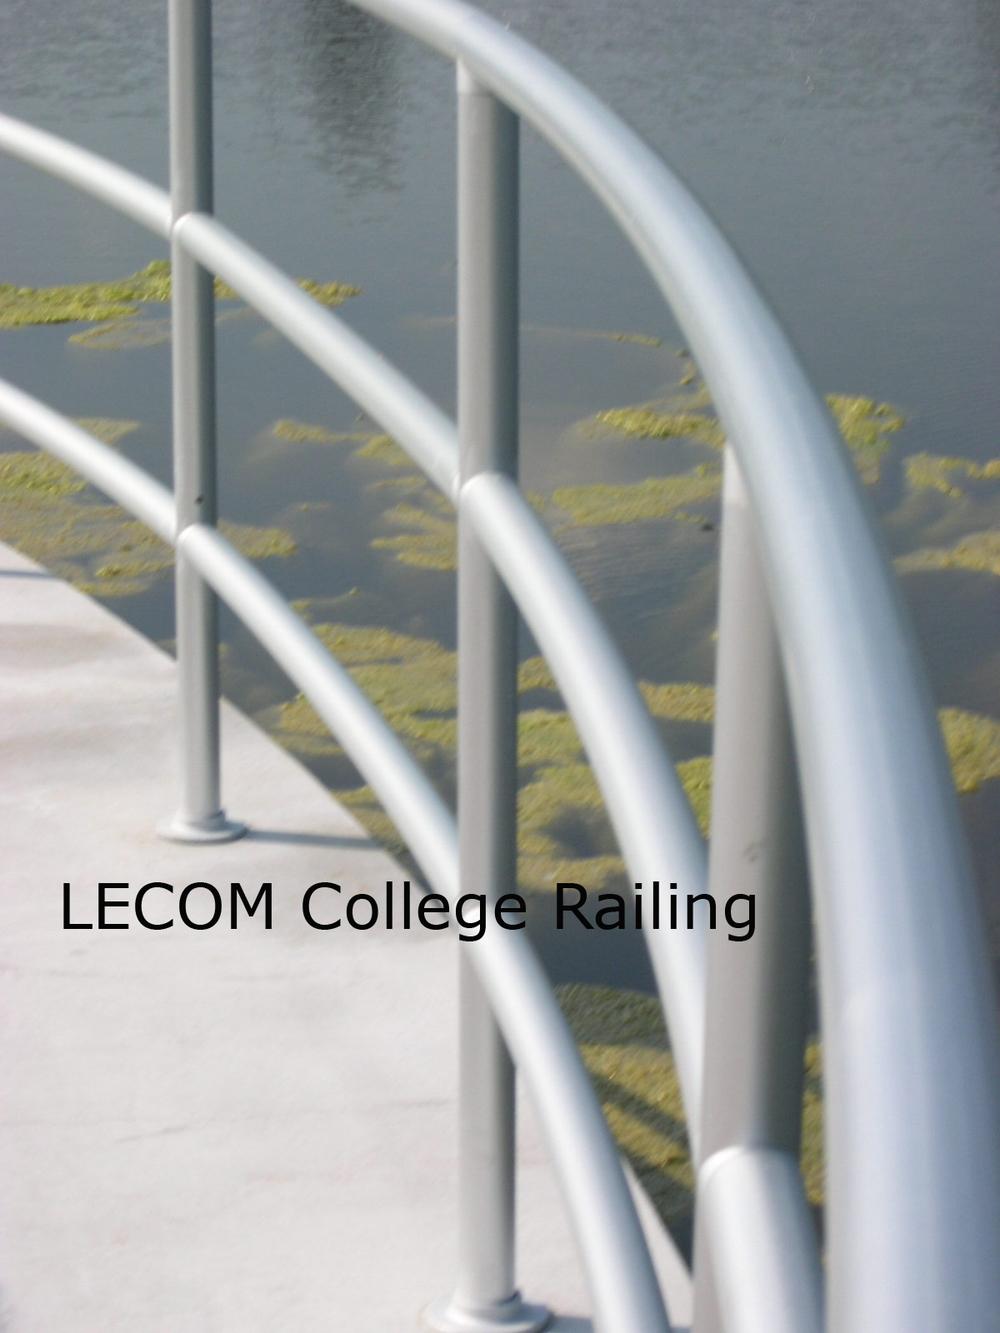 933 LECOM College Bradenton